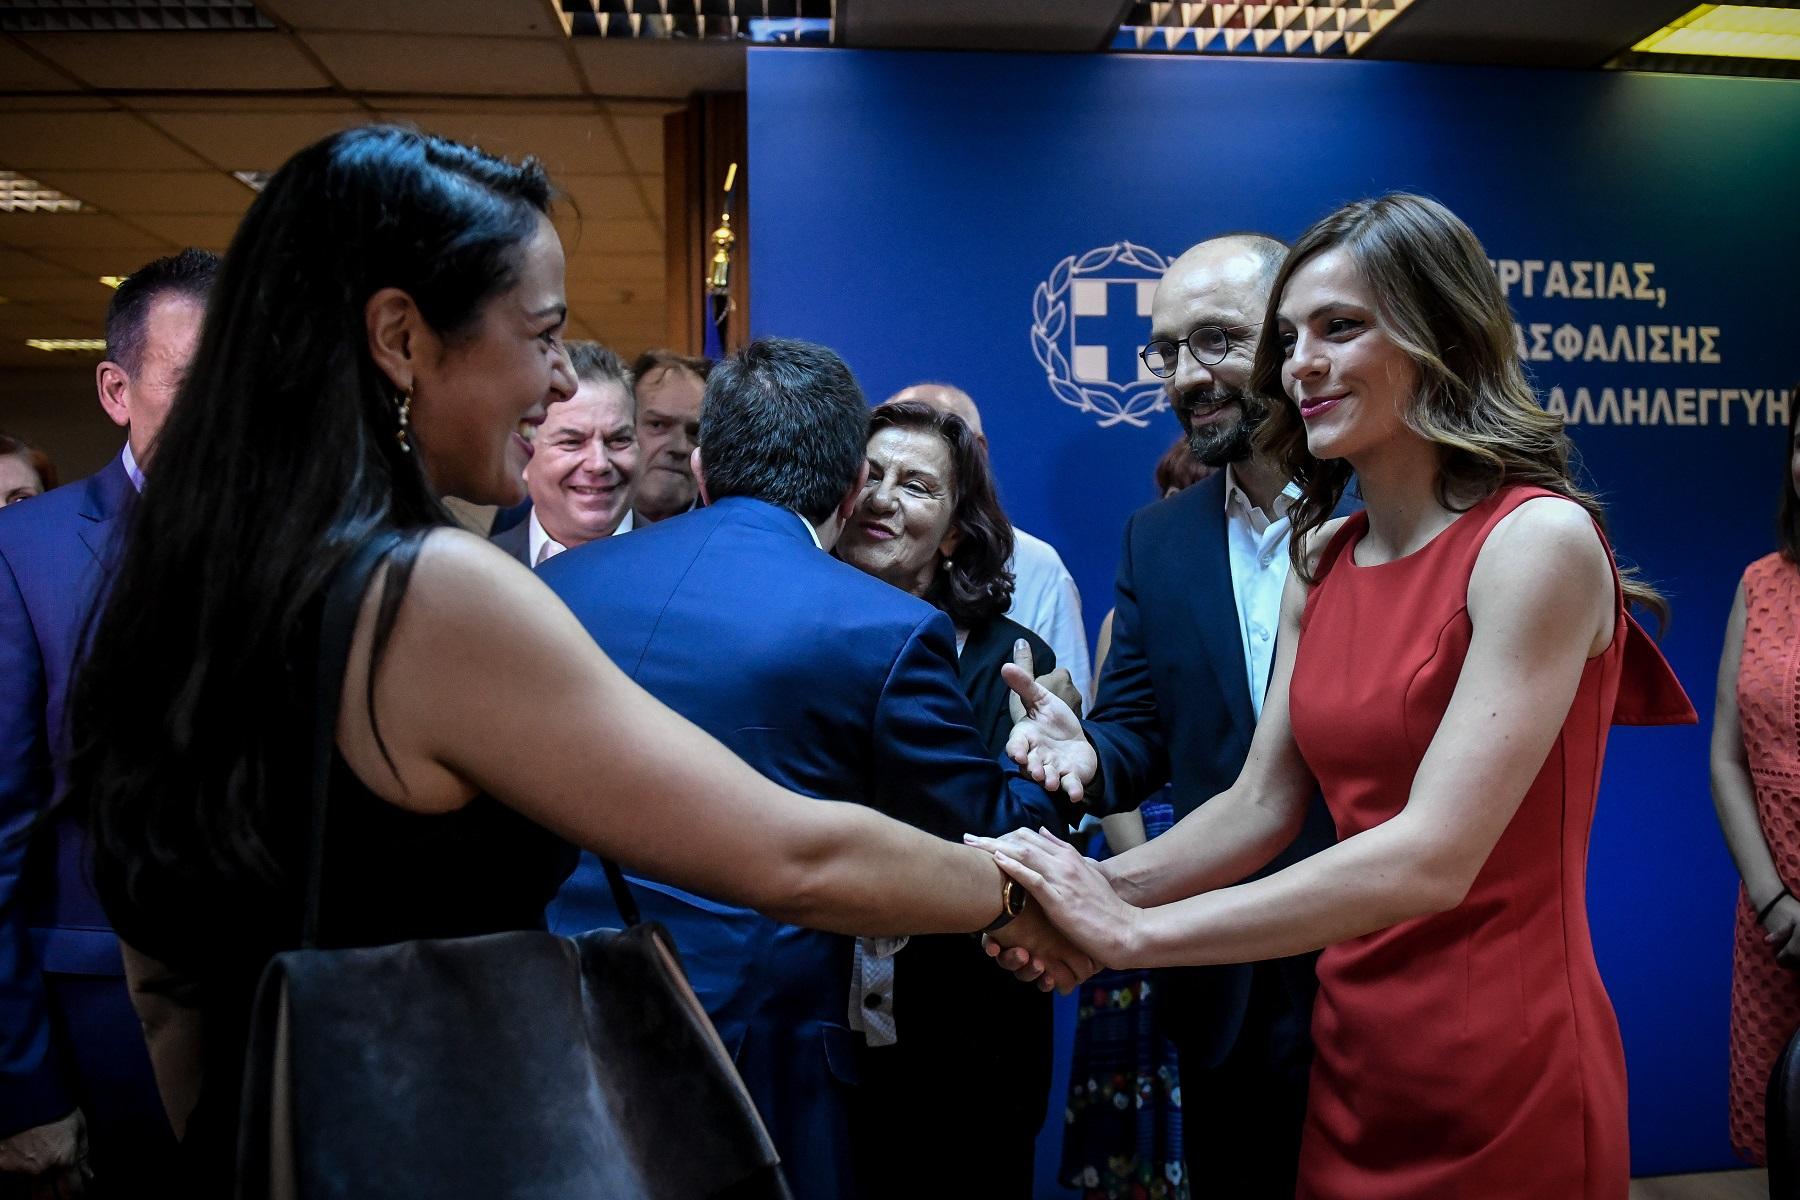 Γιάννης Κεφαλογιάννης – Δόµνα Μιχαηλίδου: Το νέο ζευγάρι της πολιτικής σκηνής